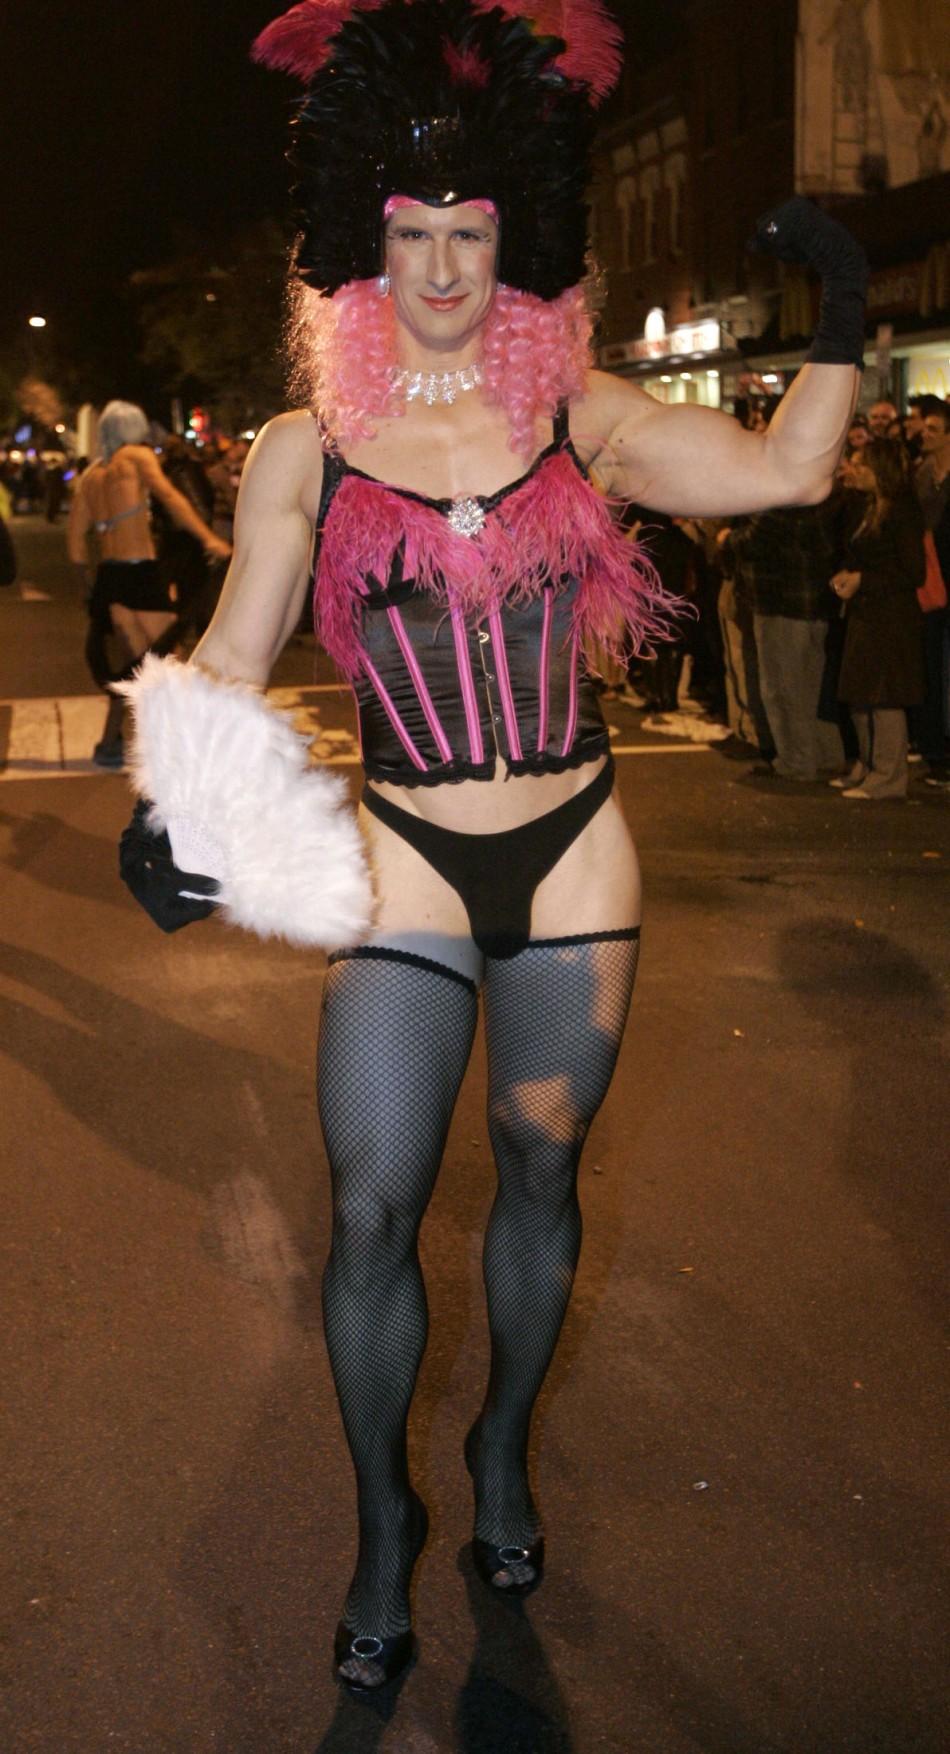 Top 10 Craziest Halloween Cross-Dressing Costume Ideas